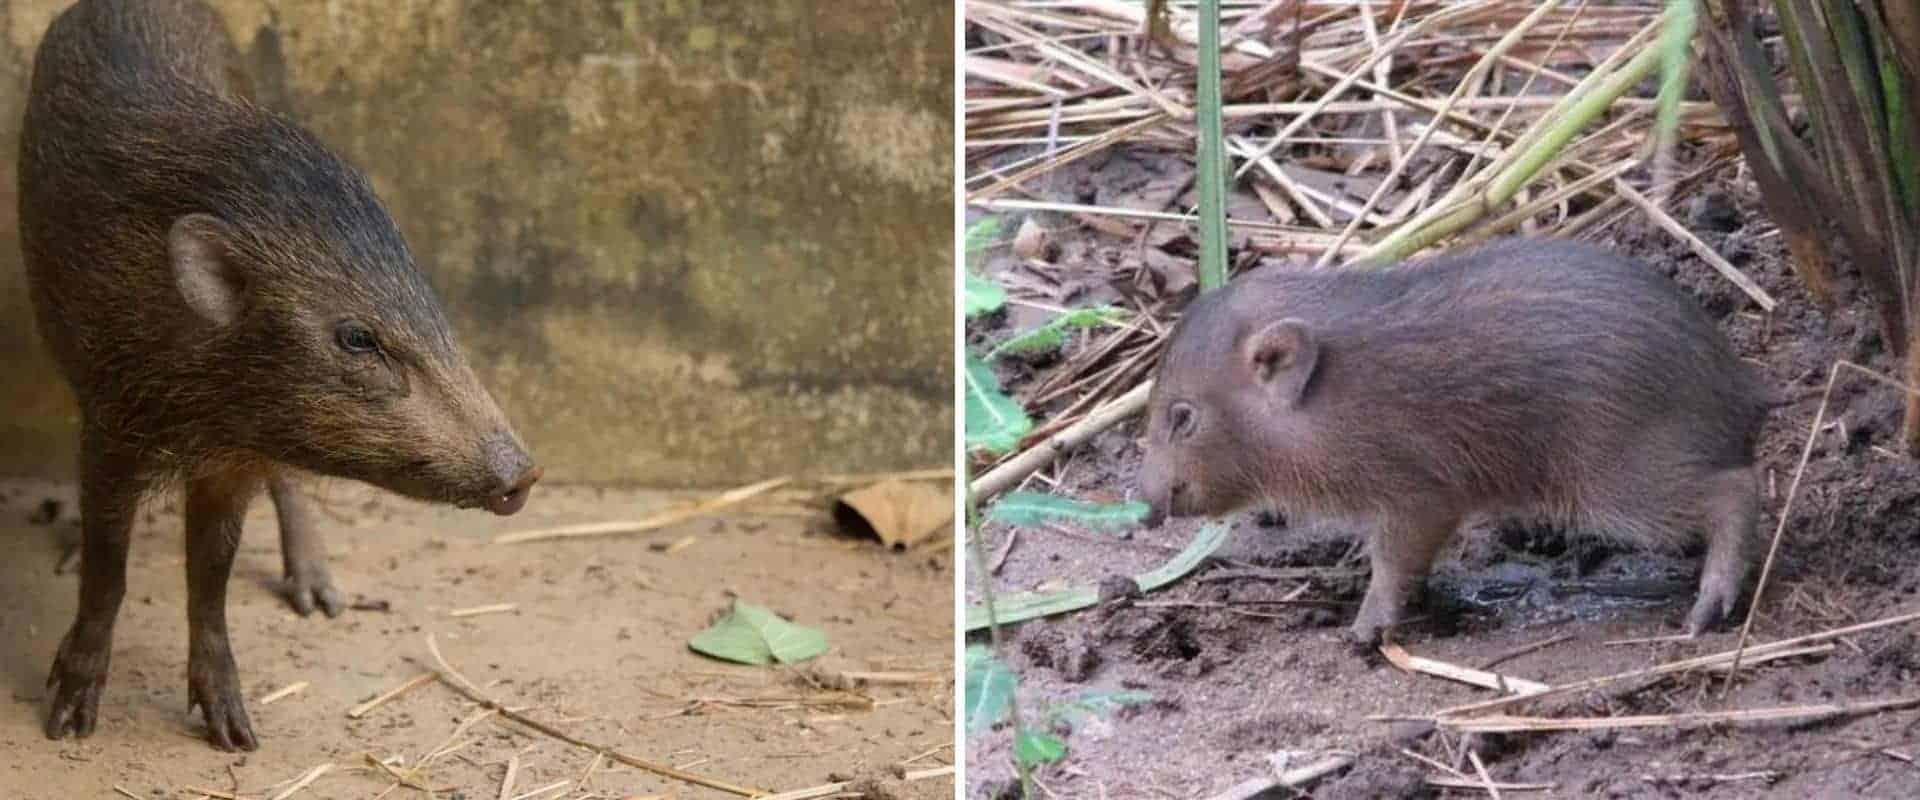 El cerdo más pequeño del mundo regresa a la naturaleza luego de que se lo haya considerado extinto por un tiempo